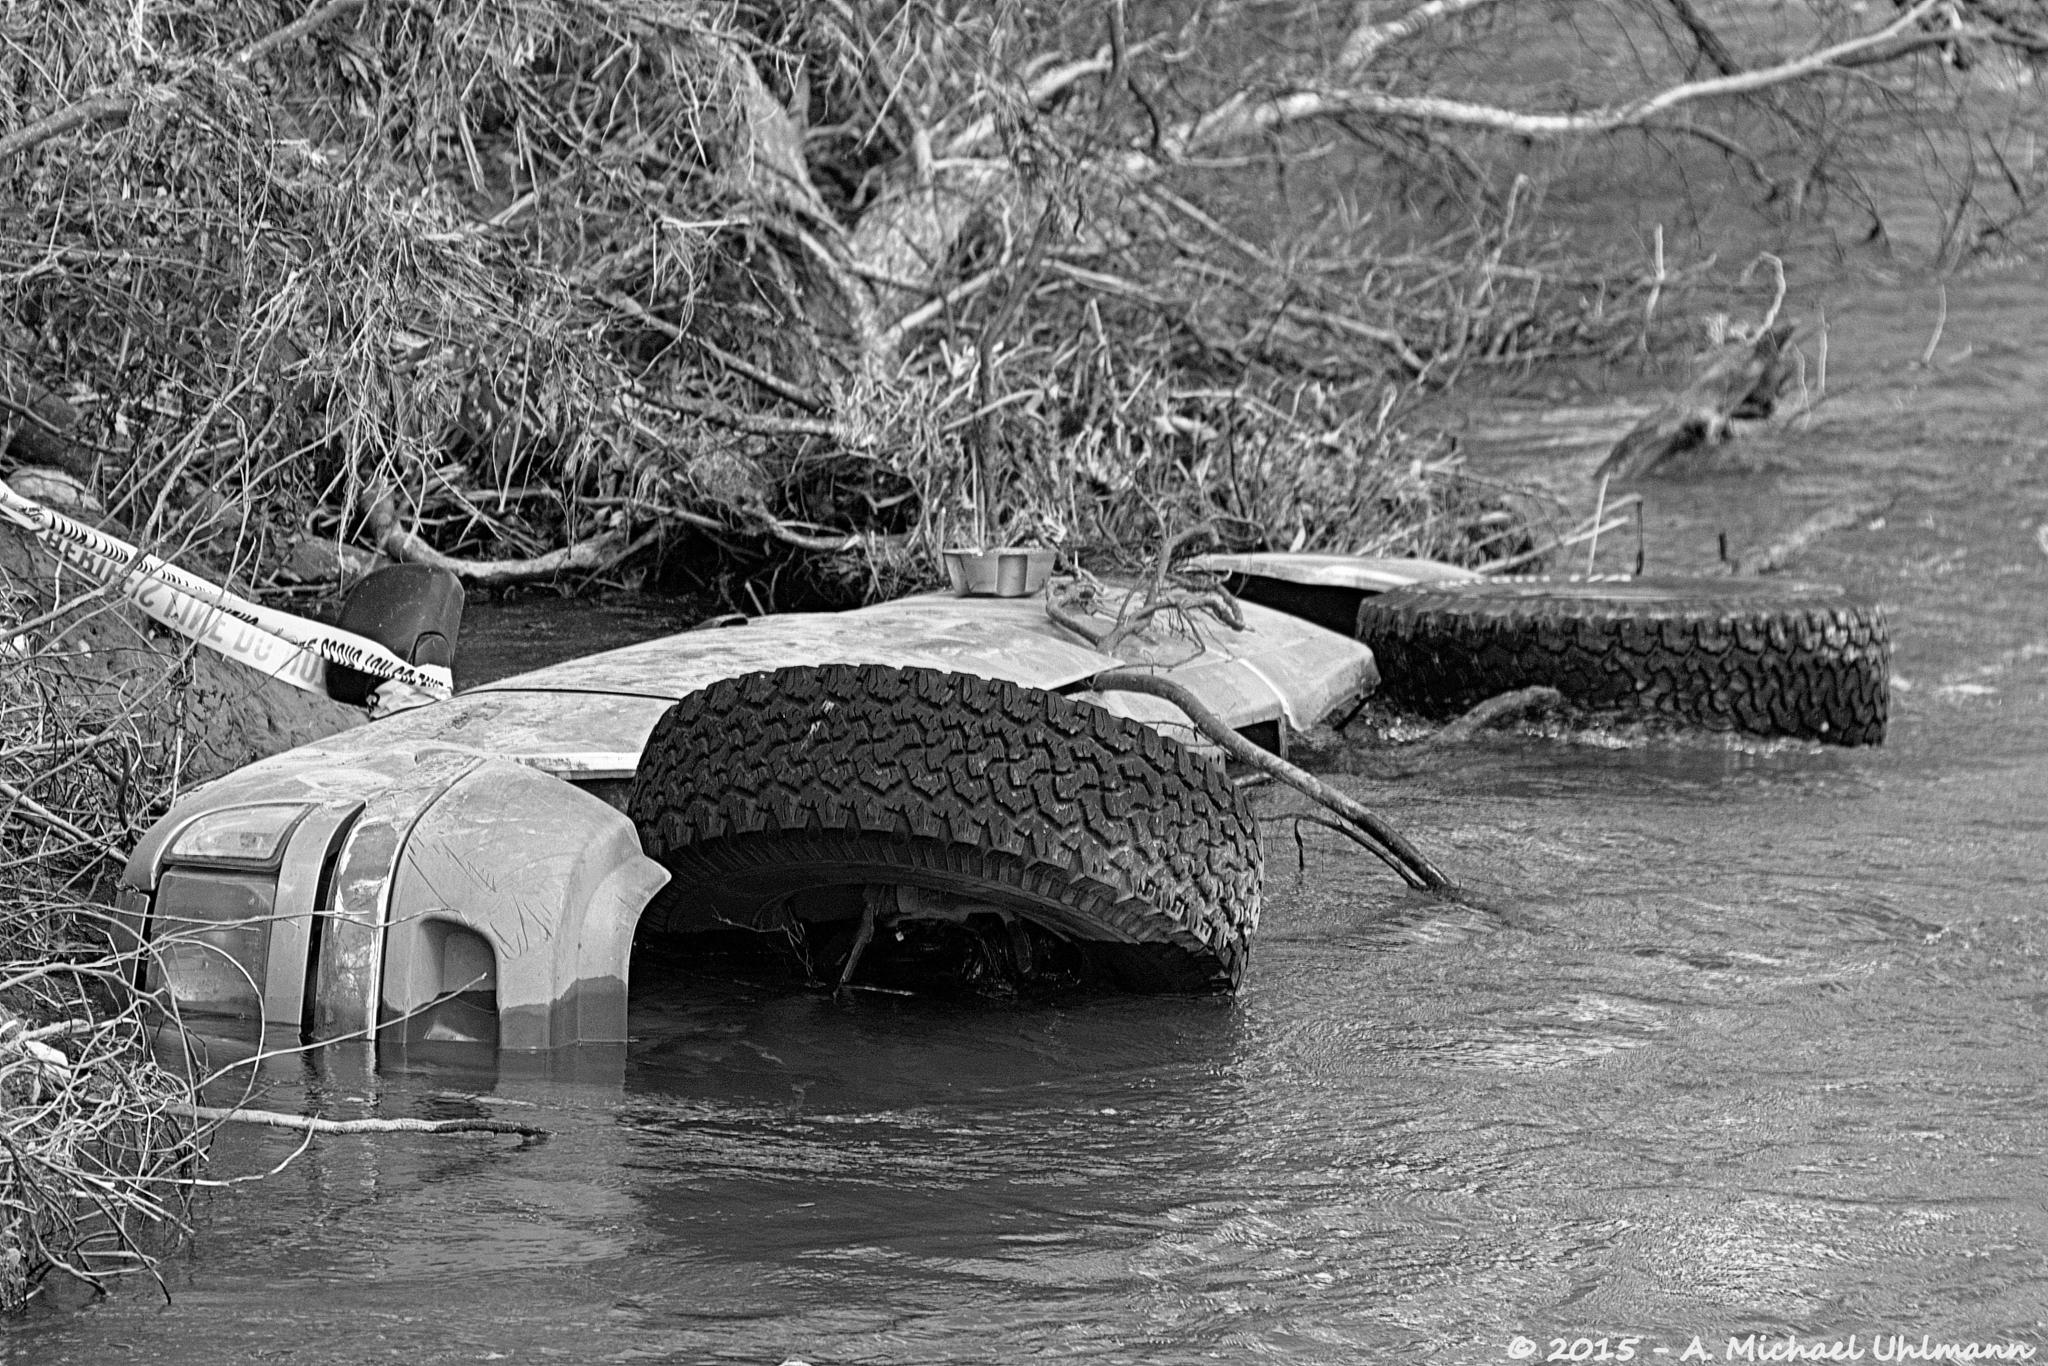 Texas Flood 1 by A. Michael Uhlmann